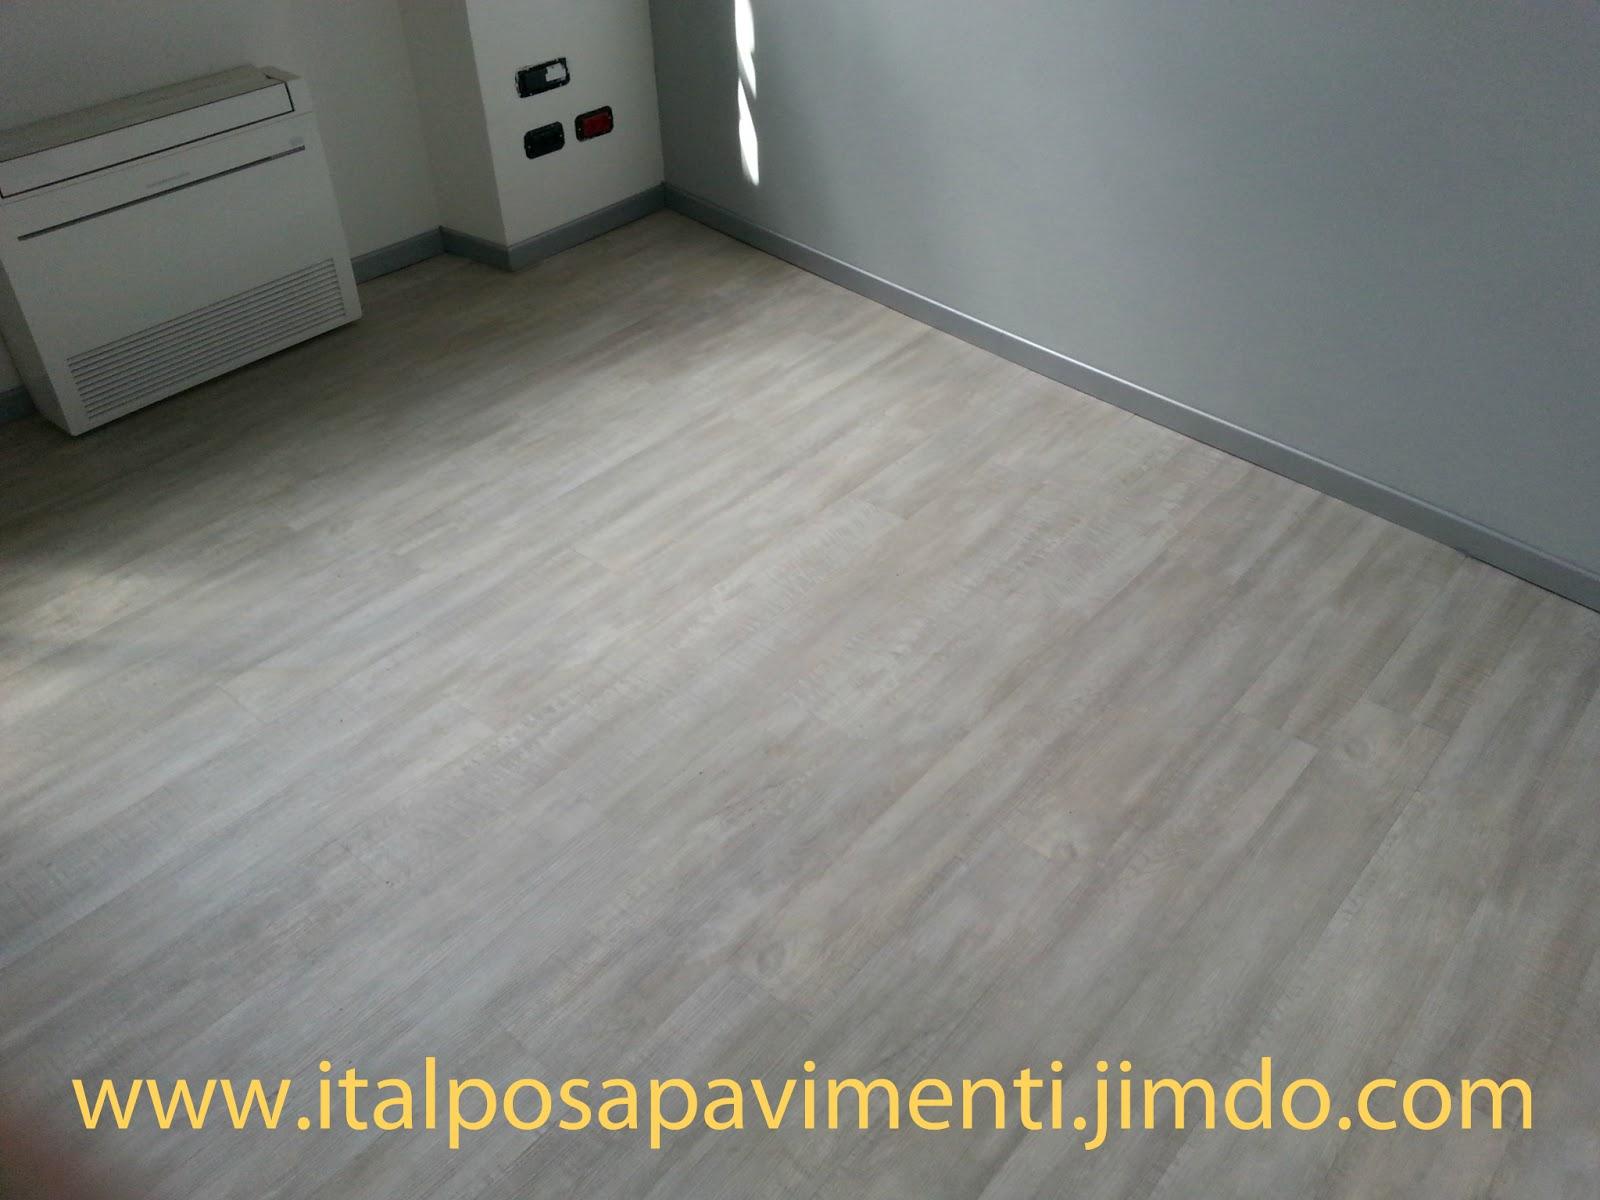 Pavimenti in vinile simil legno pavimento in gres x - Pavimenti in pvc ikea ...